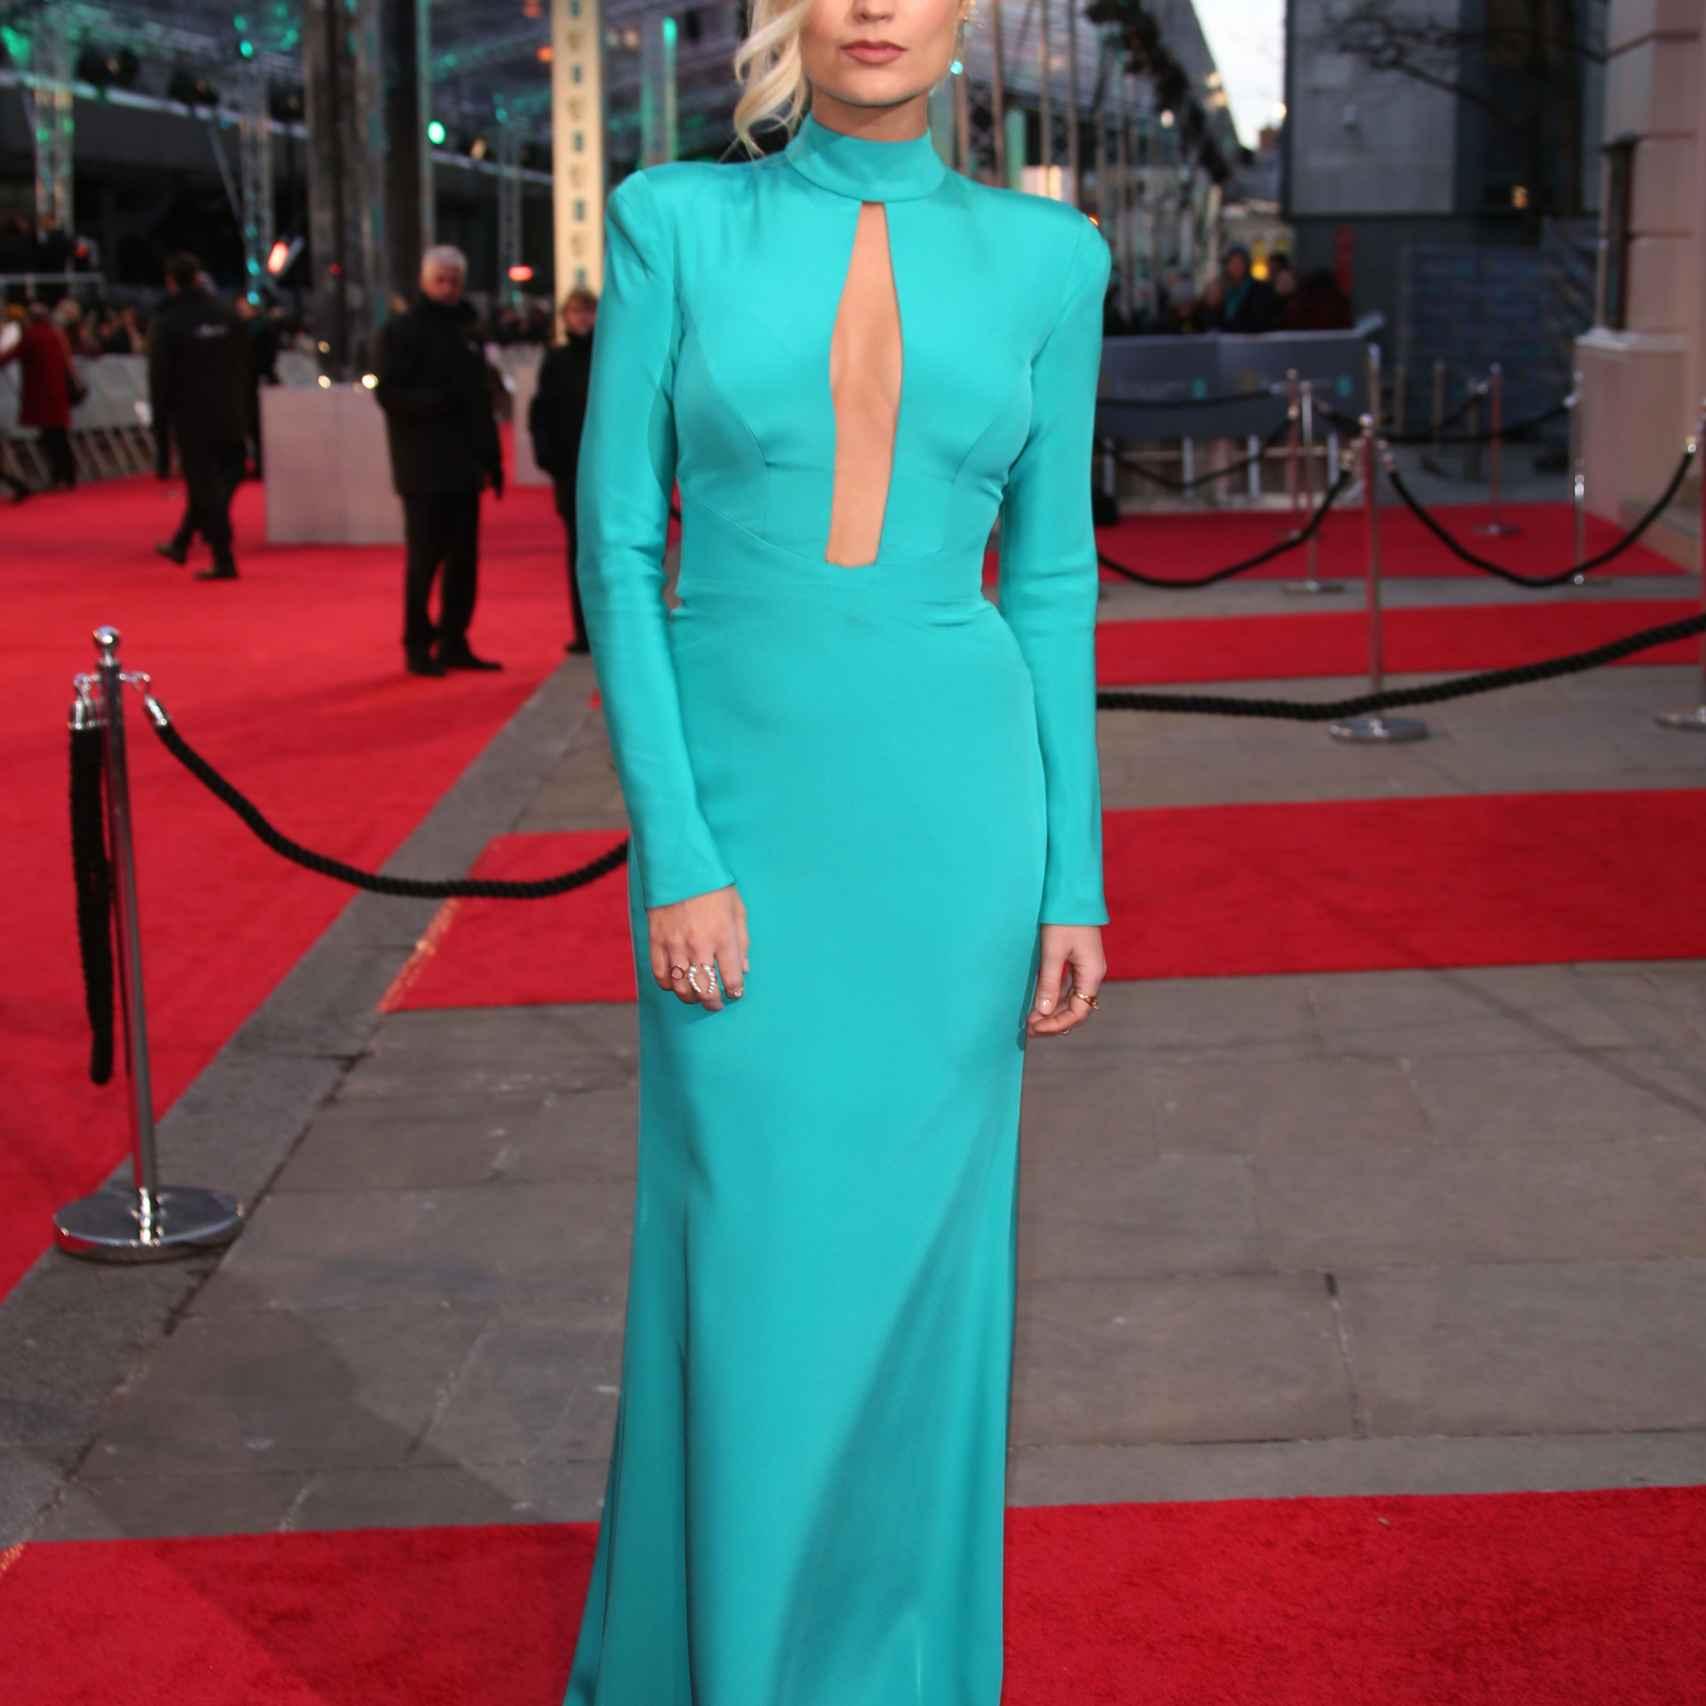 Laura Whitmore en los Premios Bafta